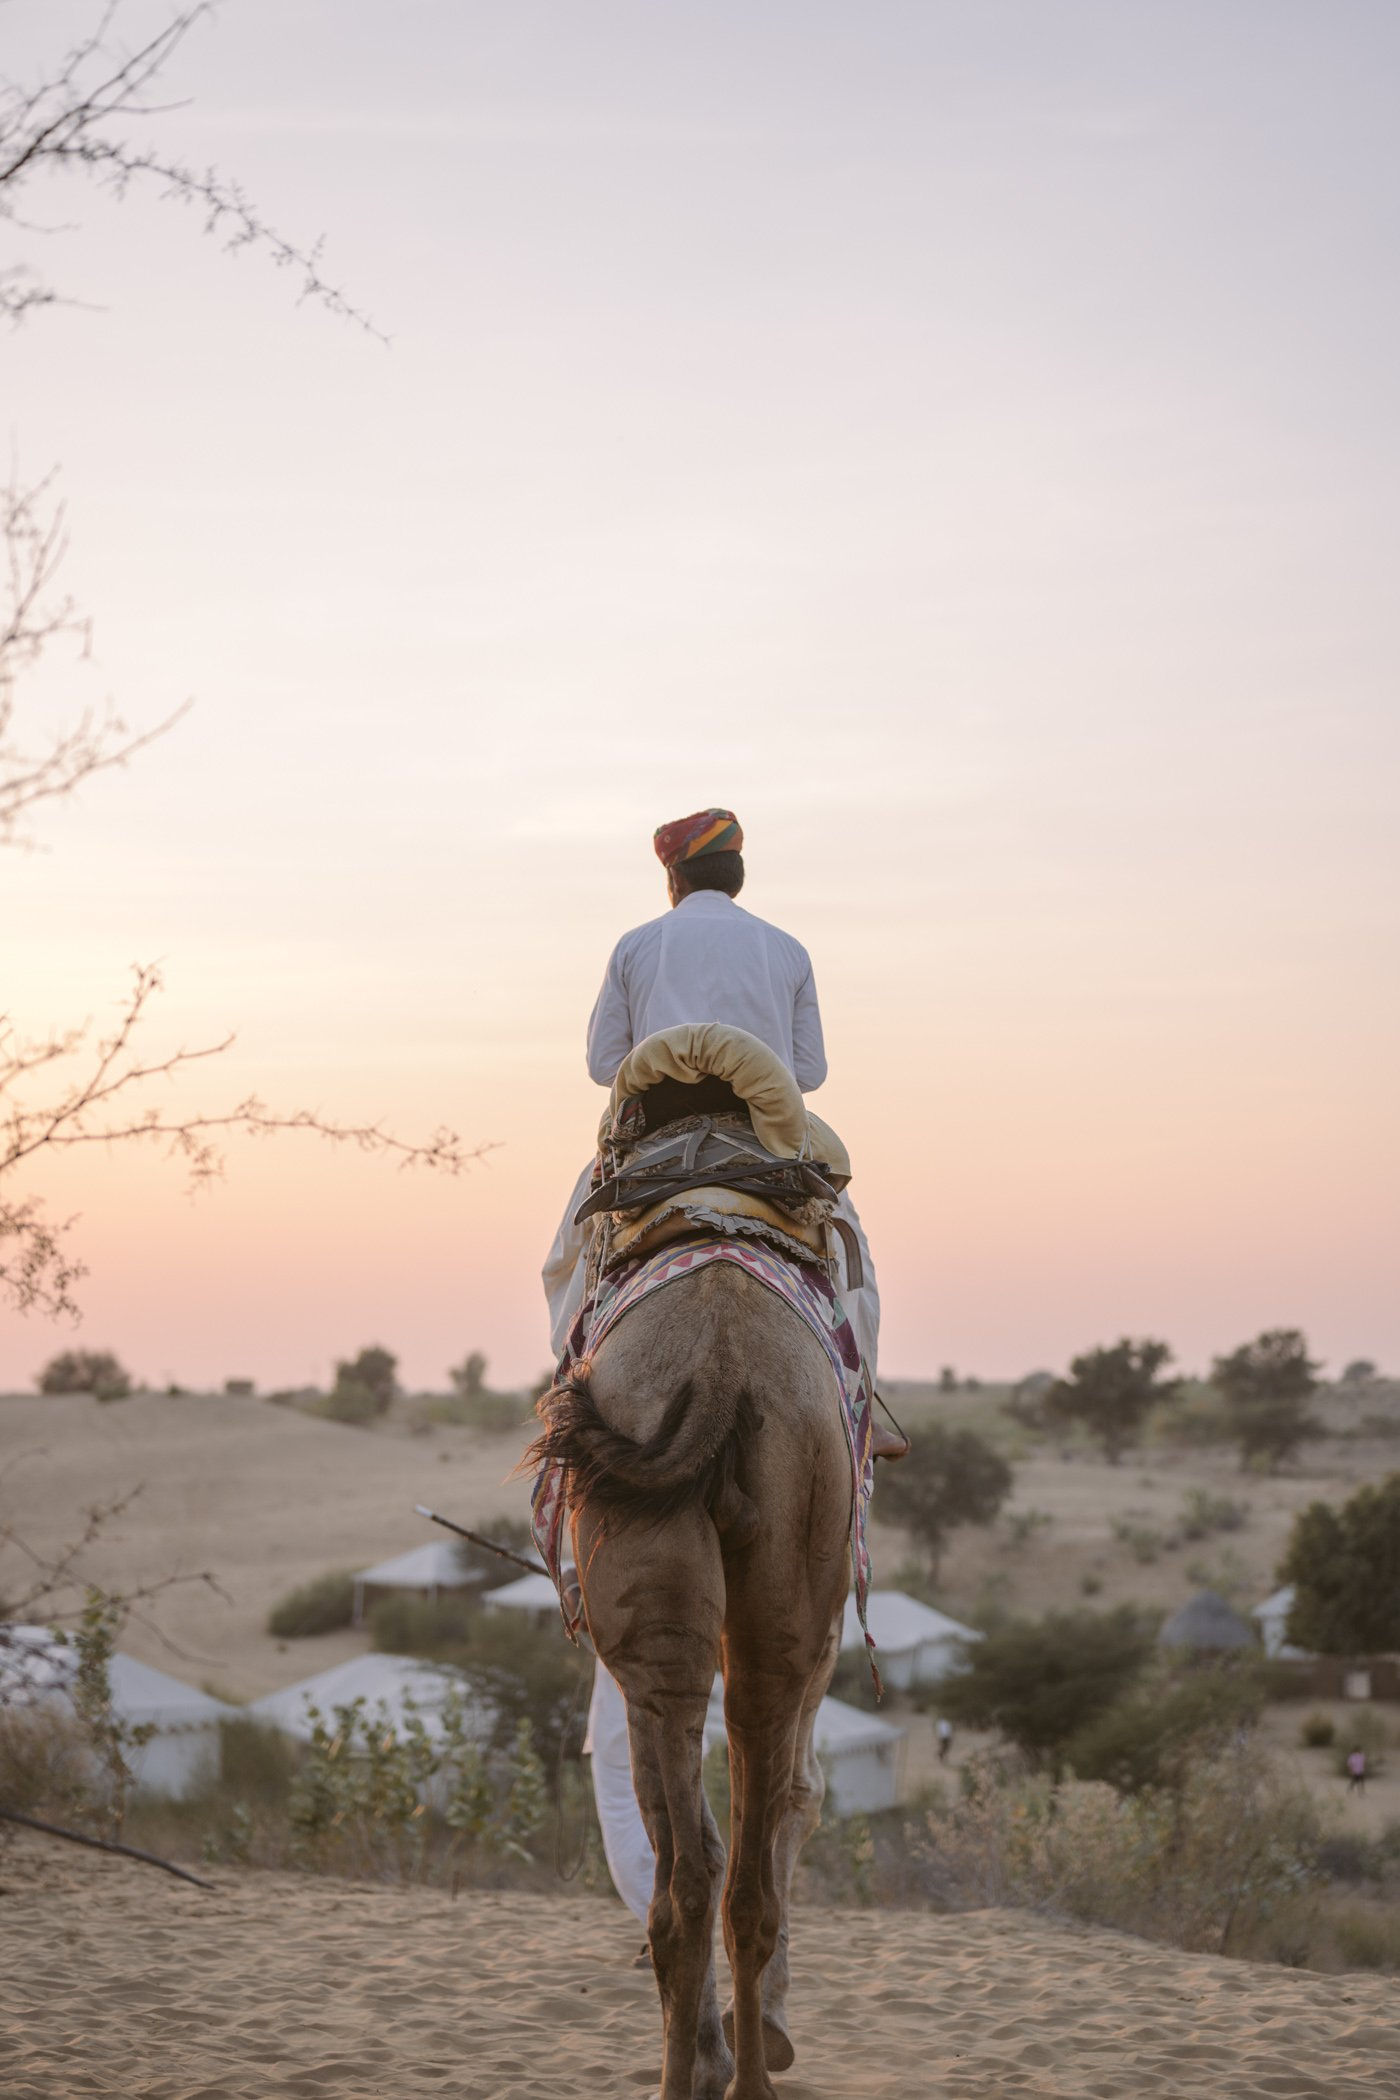 Camel in the Thar desert Rajasthan